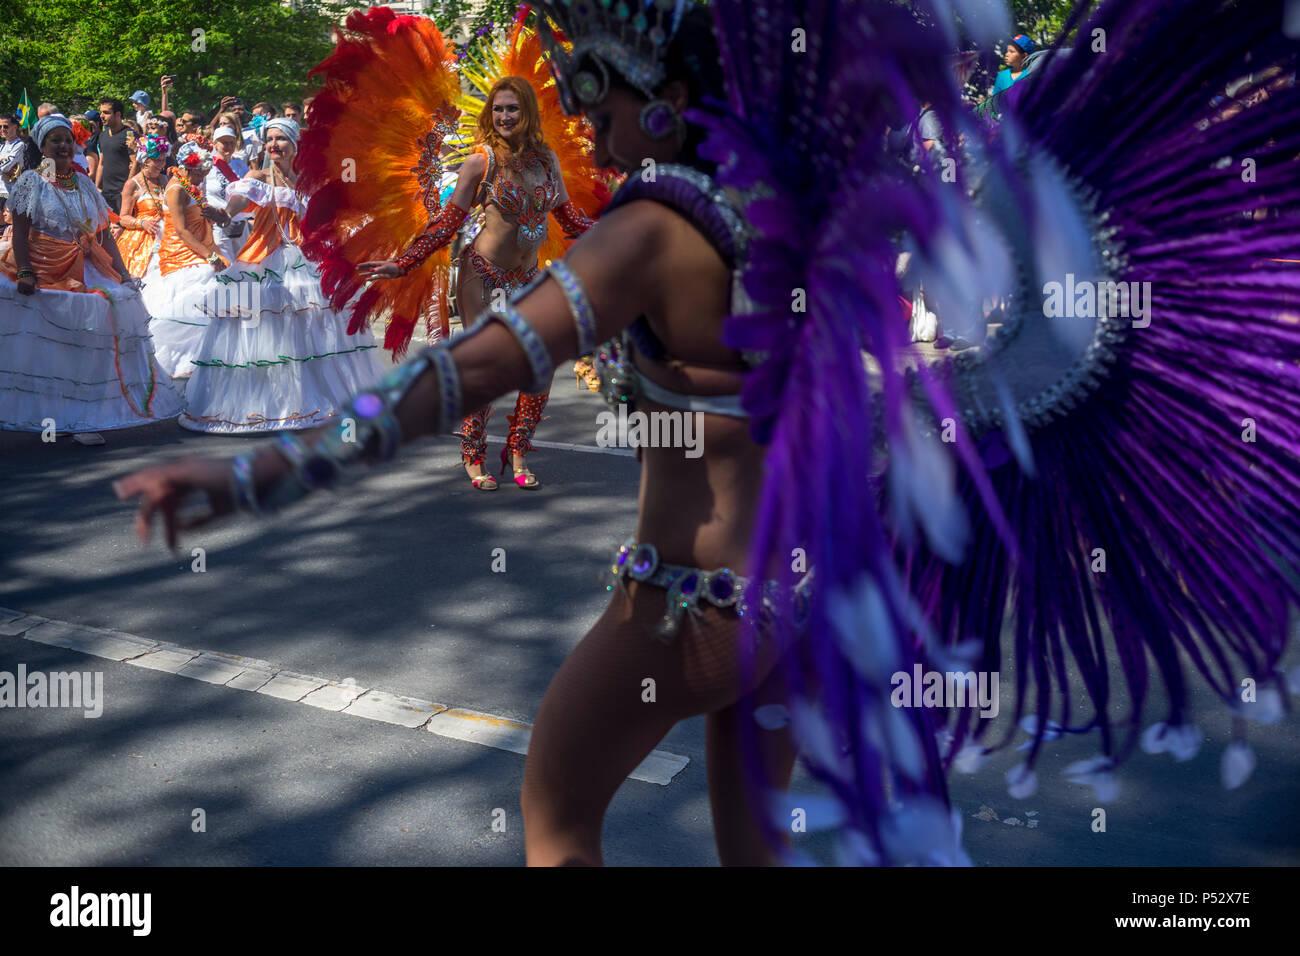 La street parade è il momento clou del Carnevale delle culture durante il fine settimana di Pentecoste a Berlino. Immagini Stock